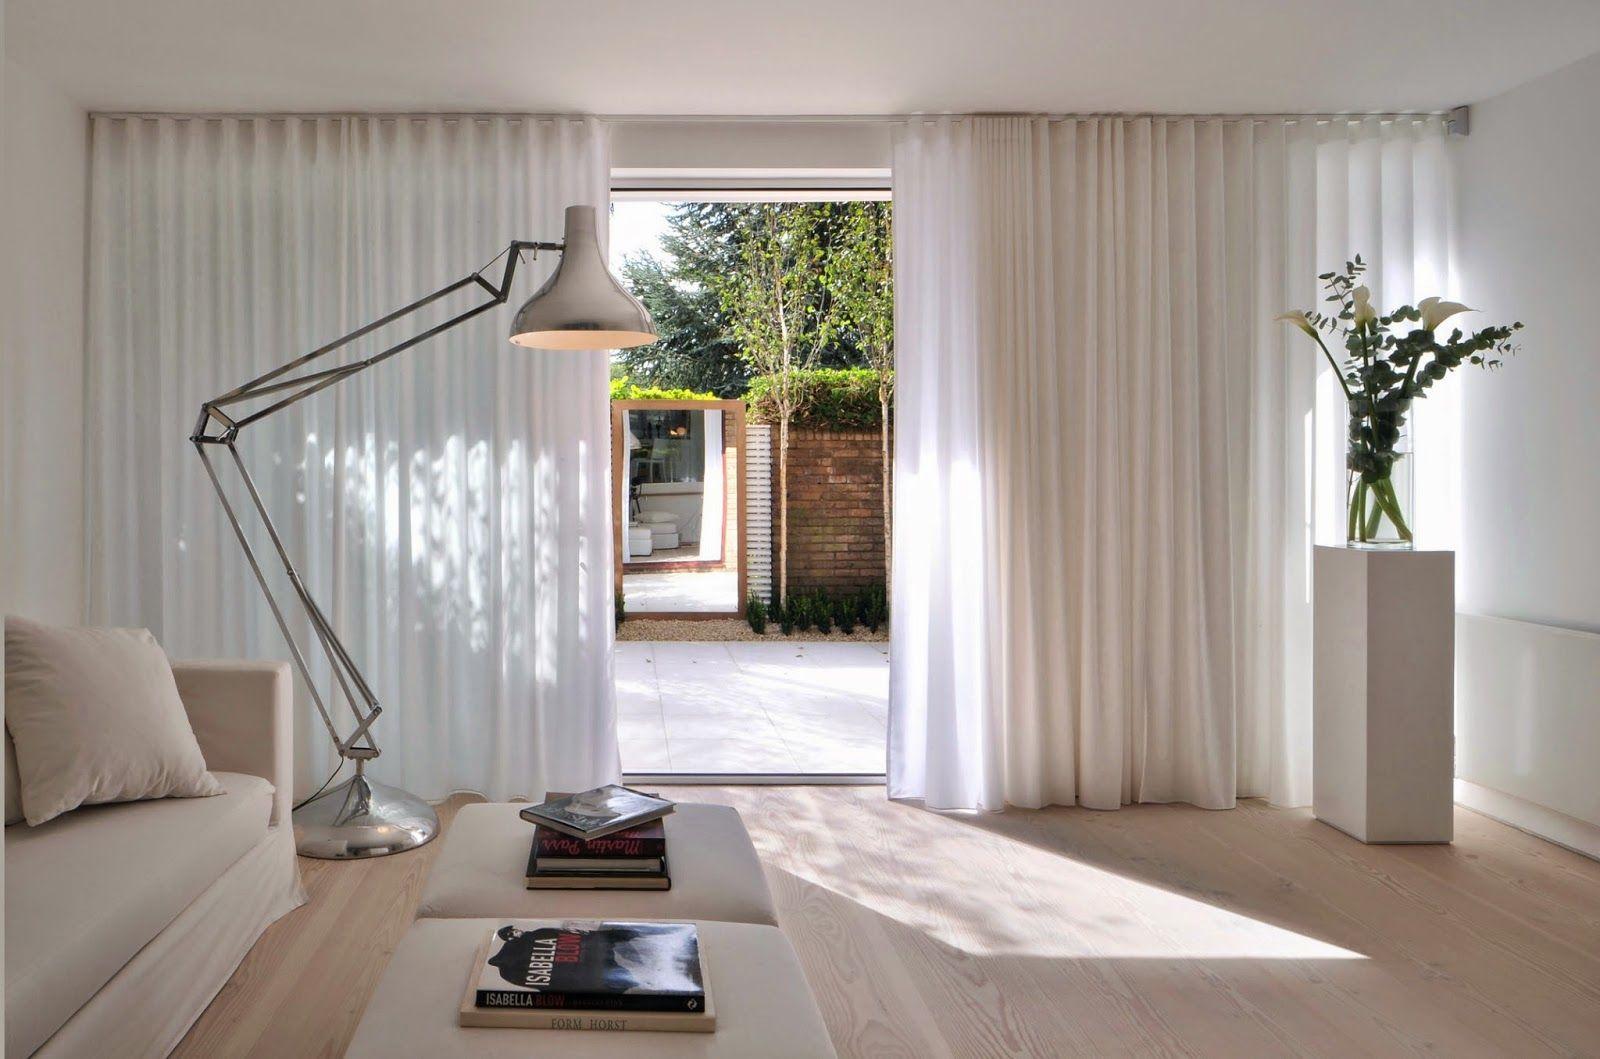 Бежево-белая гостиная в стиле минимализм с большими окнами